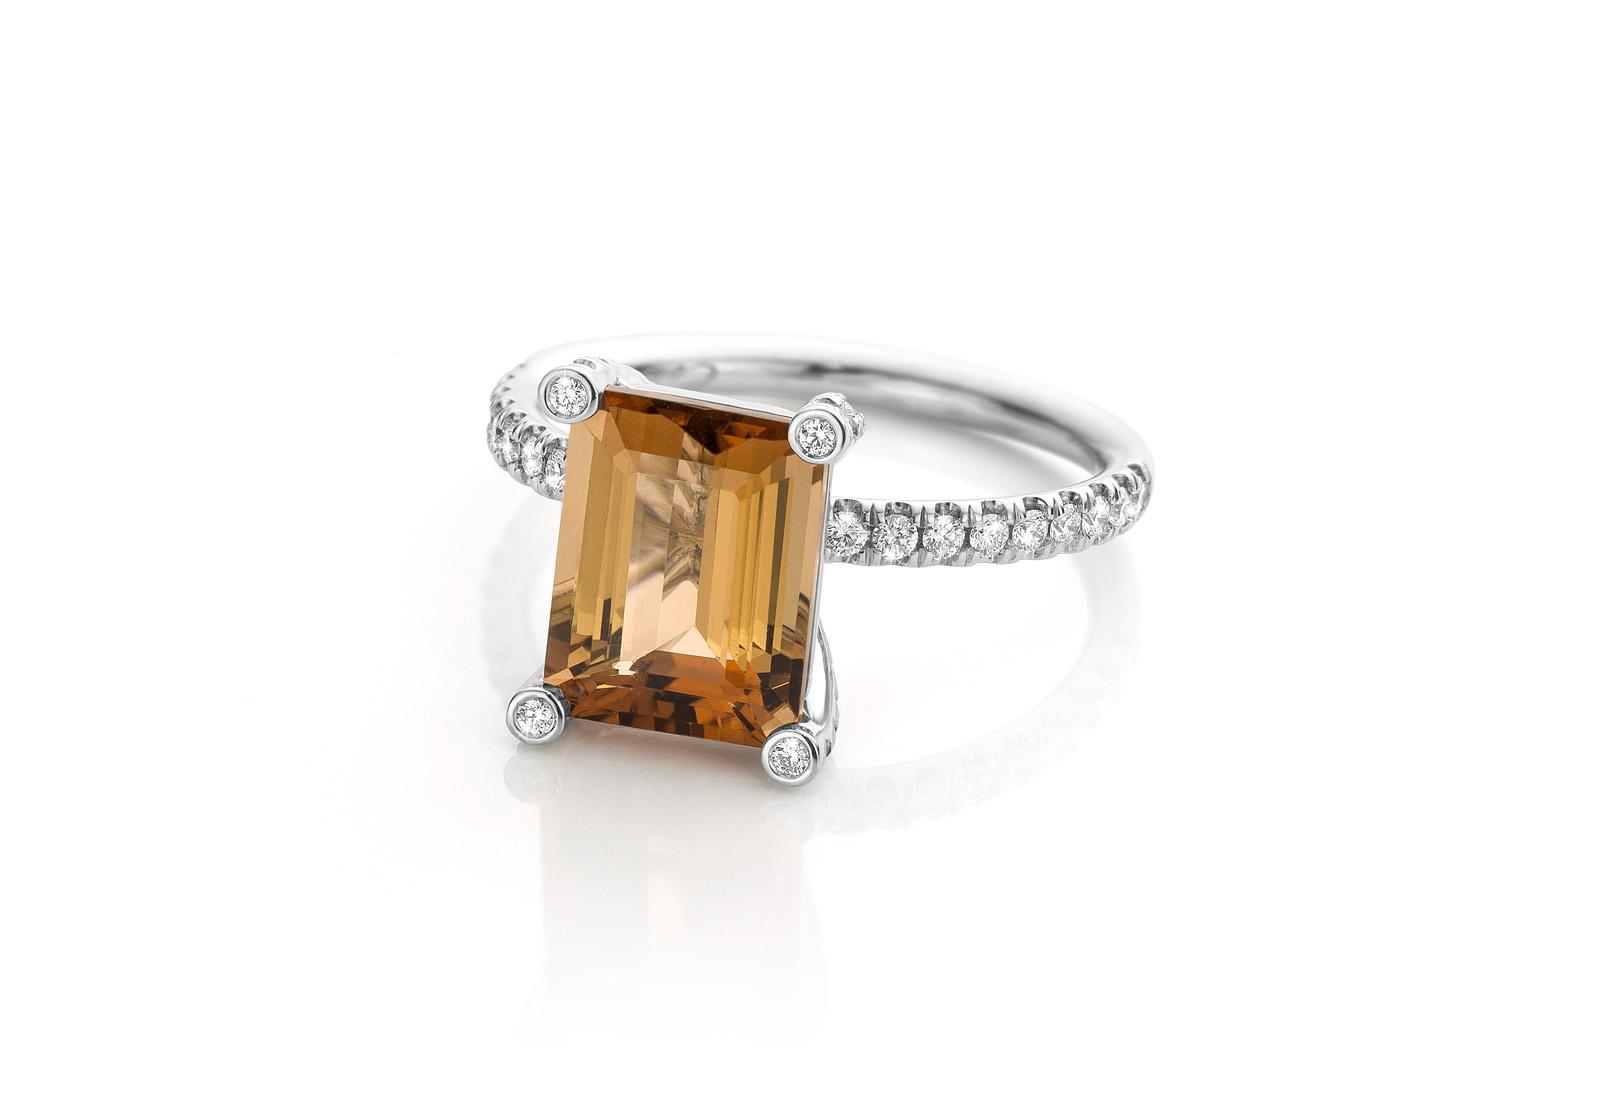 witgouden ring 14 karaat met toermalijn en diamanten fronting the mirror cober